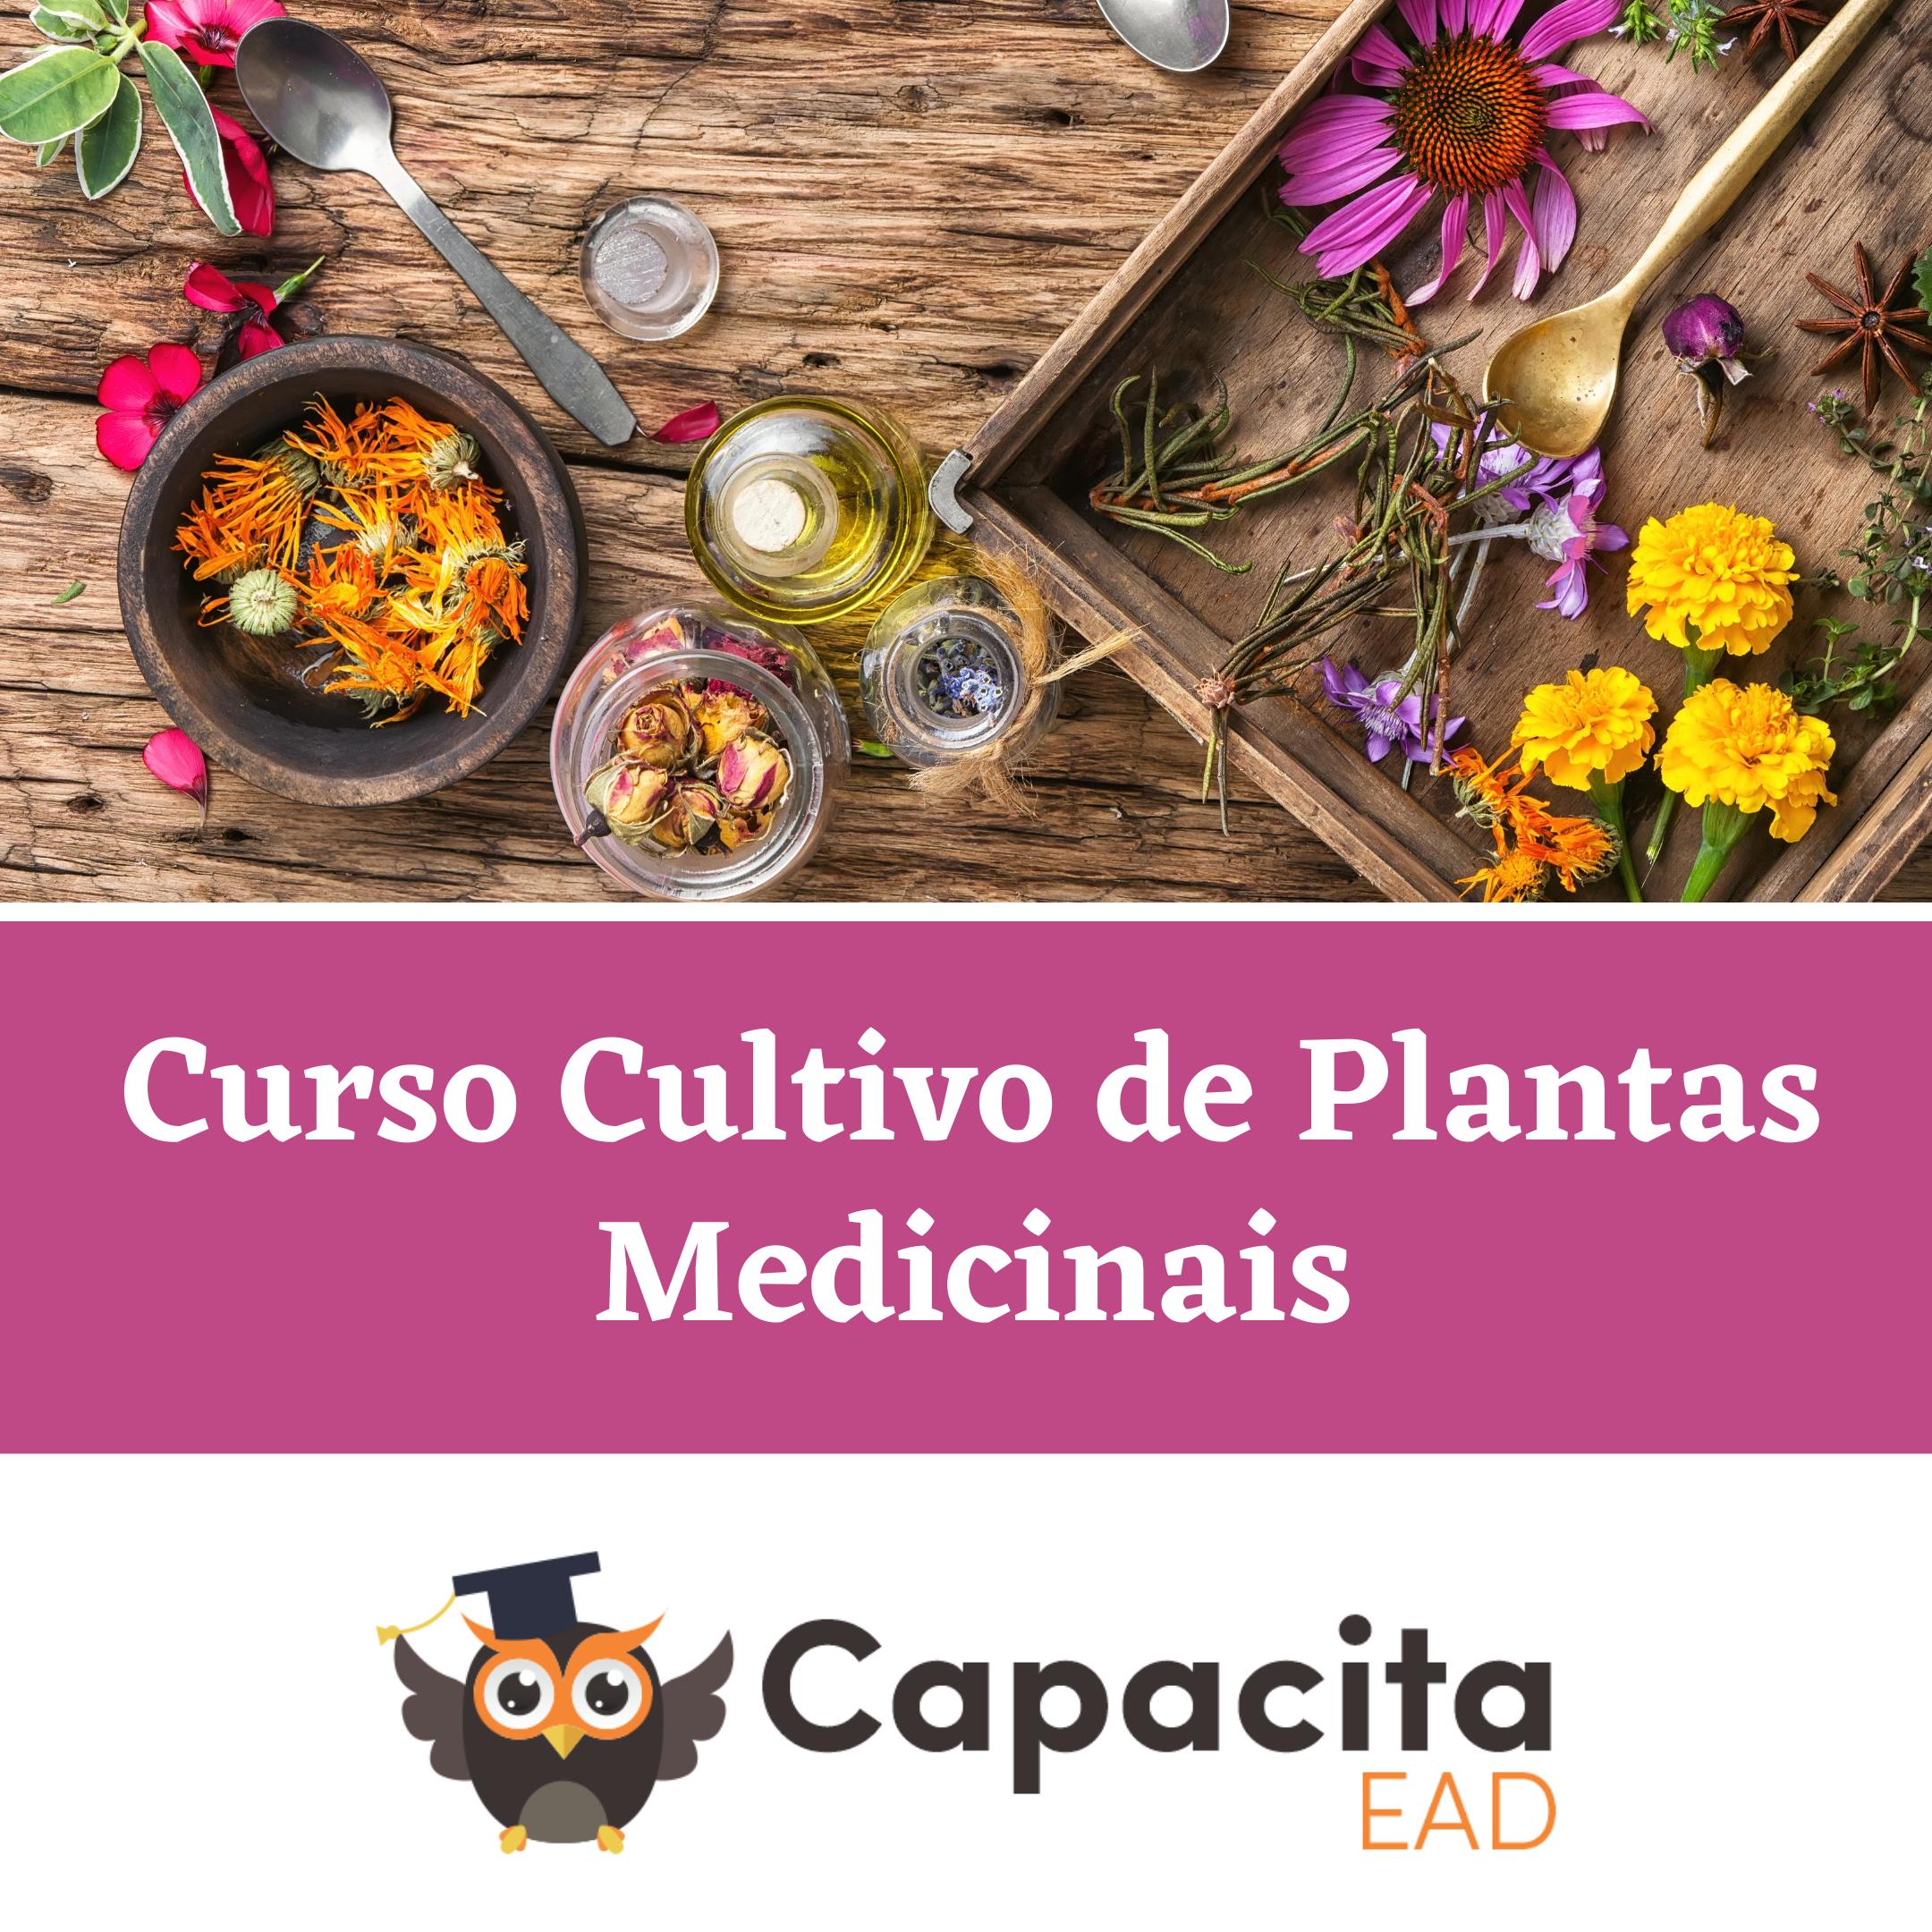 Curso Cultivo de Plantas Medicinais